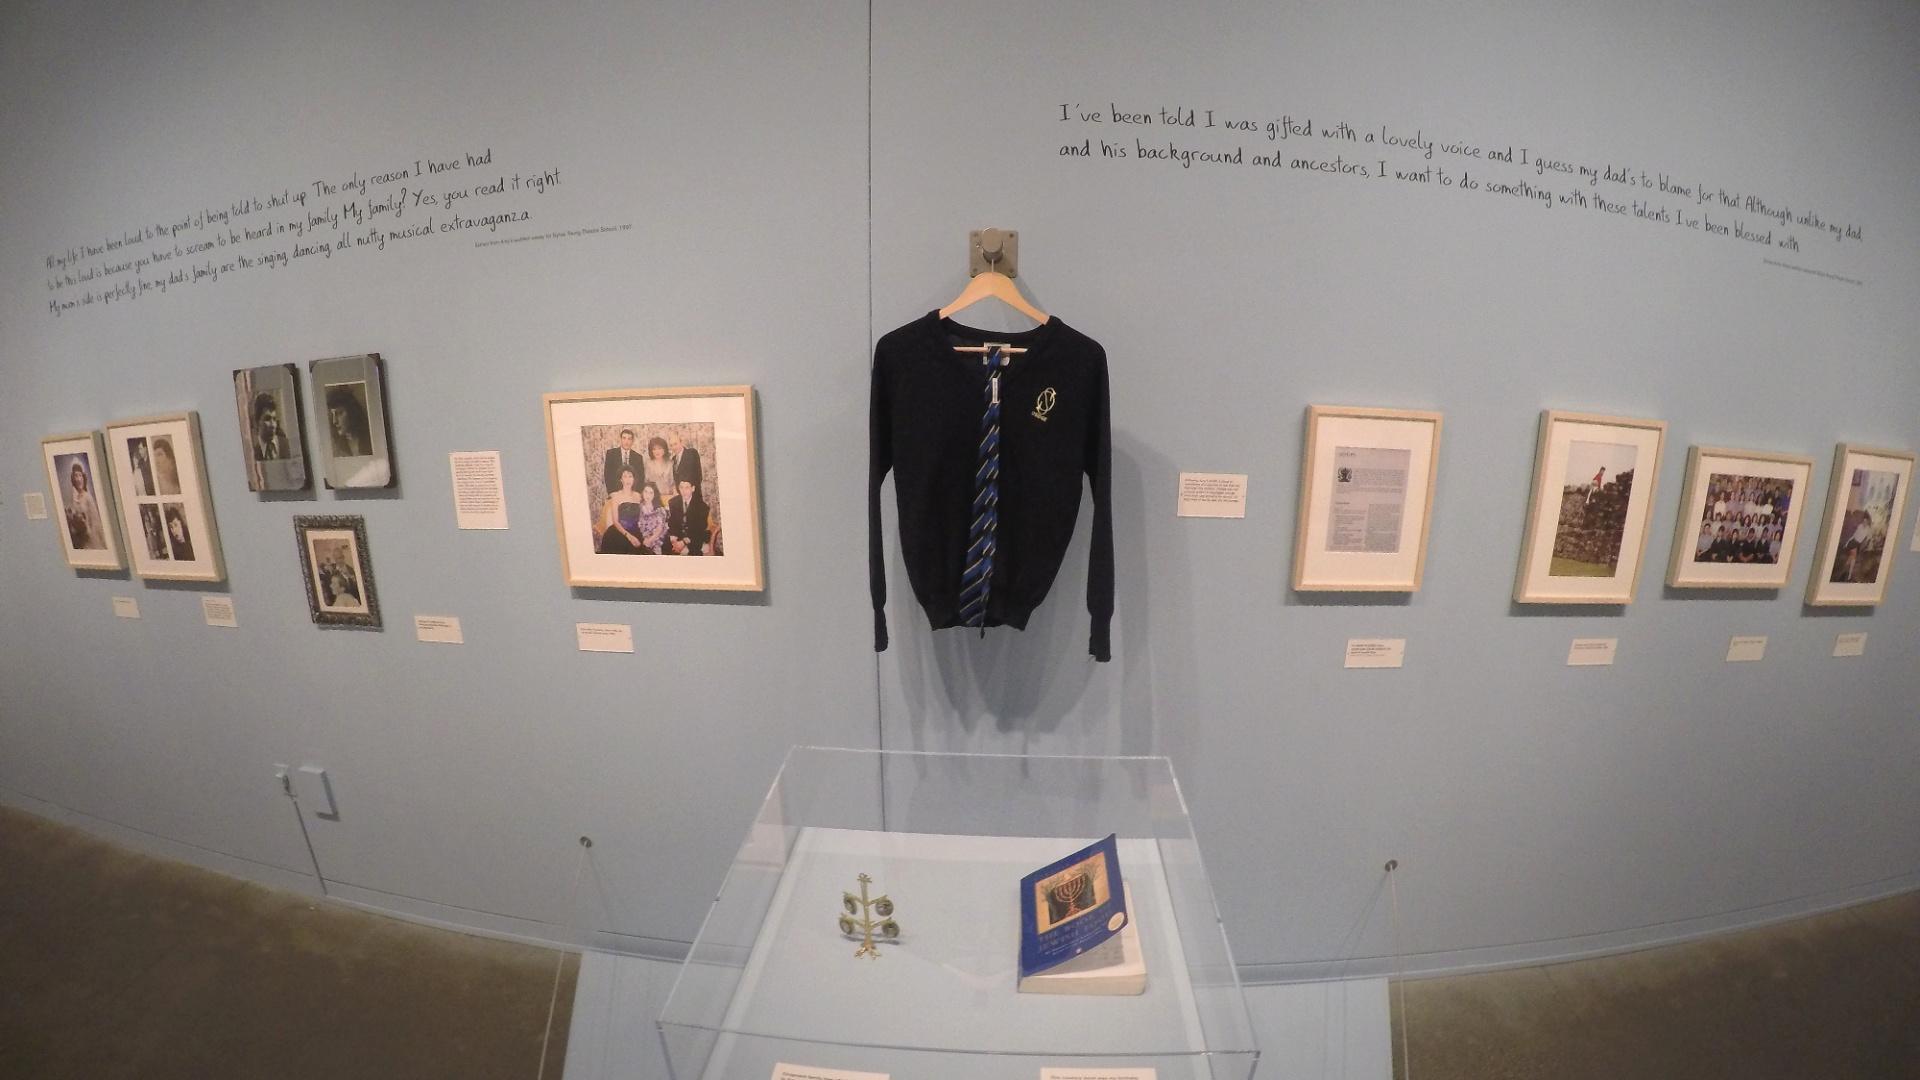 21.jul.2015 - Uniforme de Amy Winehouse na escola primária e livro de receitas judaicas que pertencia à cantora na exposição